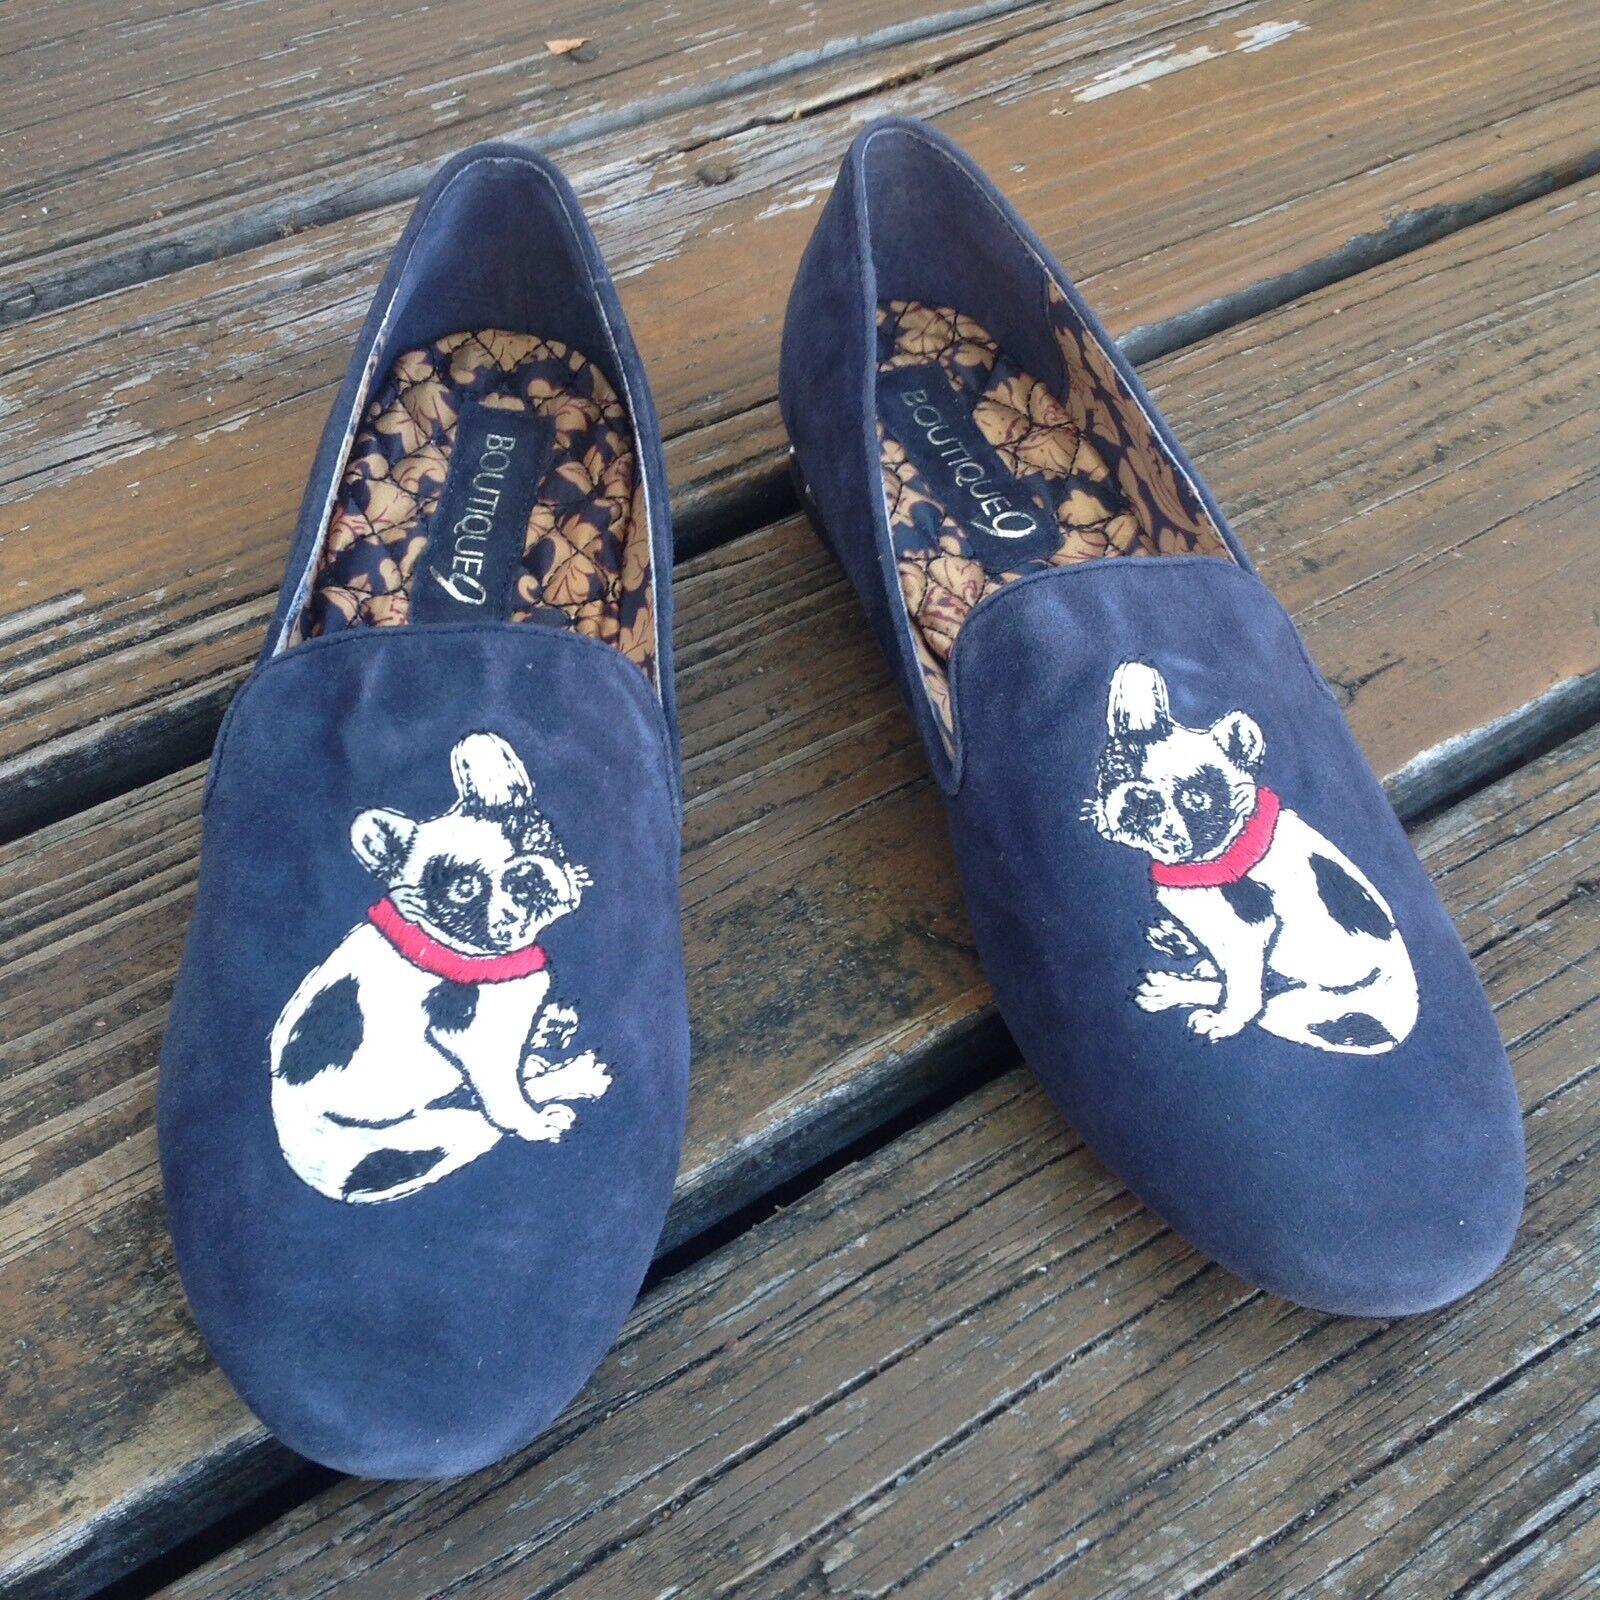 il più alla moda Boutique Boutique Boutique 9 Boston Terrier blu Suede Slip On Flats donna Sz 8 scarpe Stud Heel  prendi l'ultimo